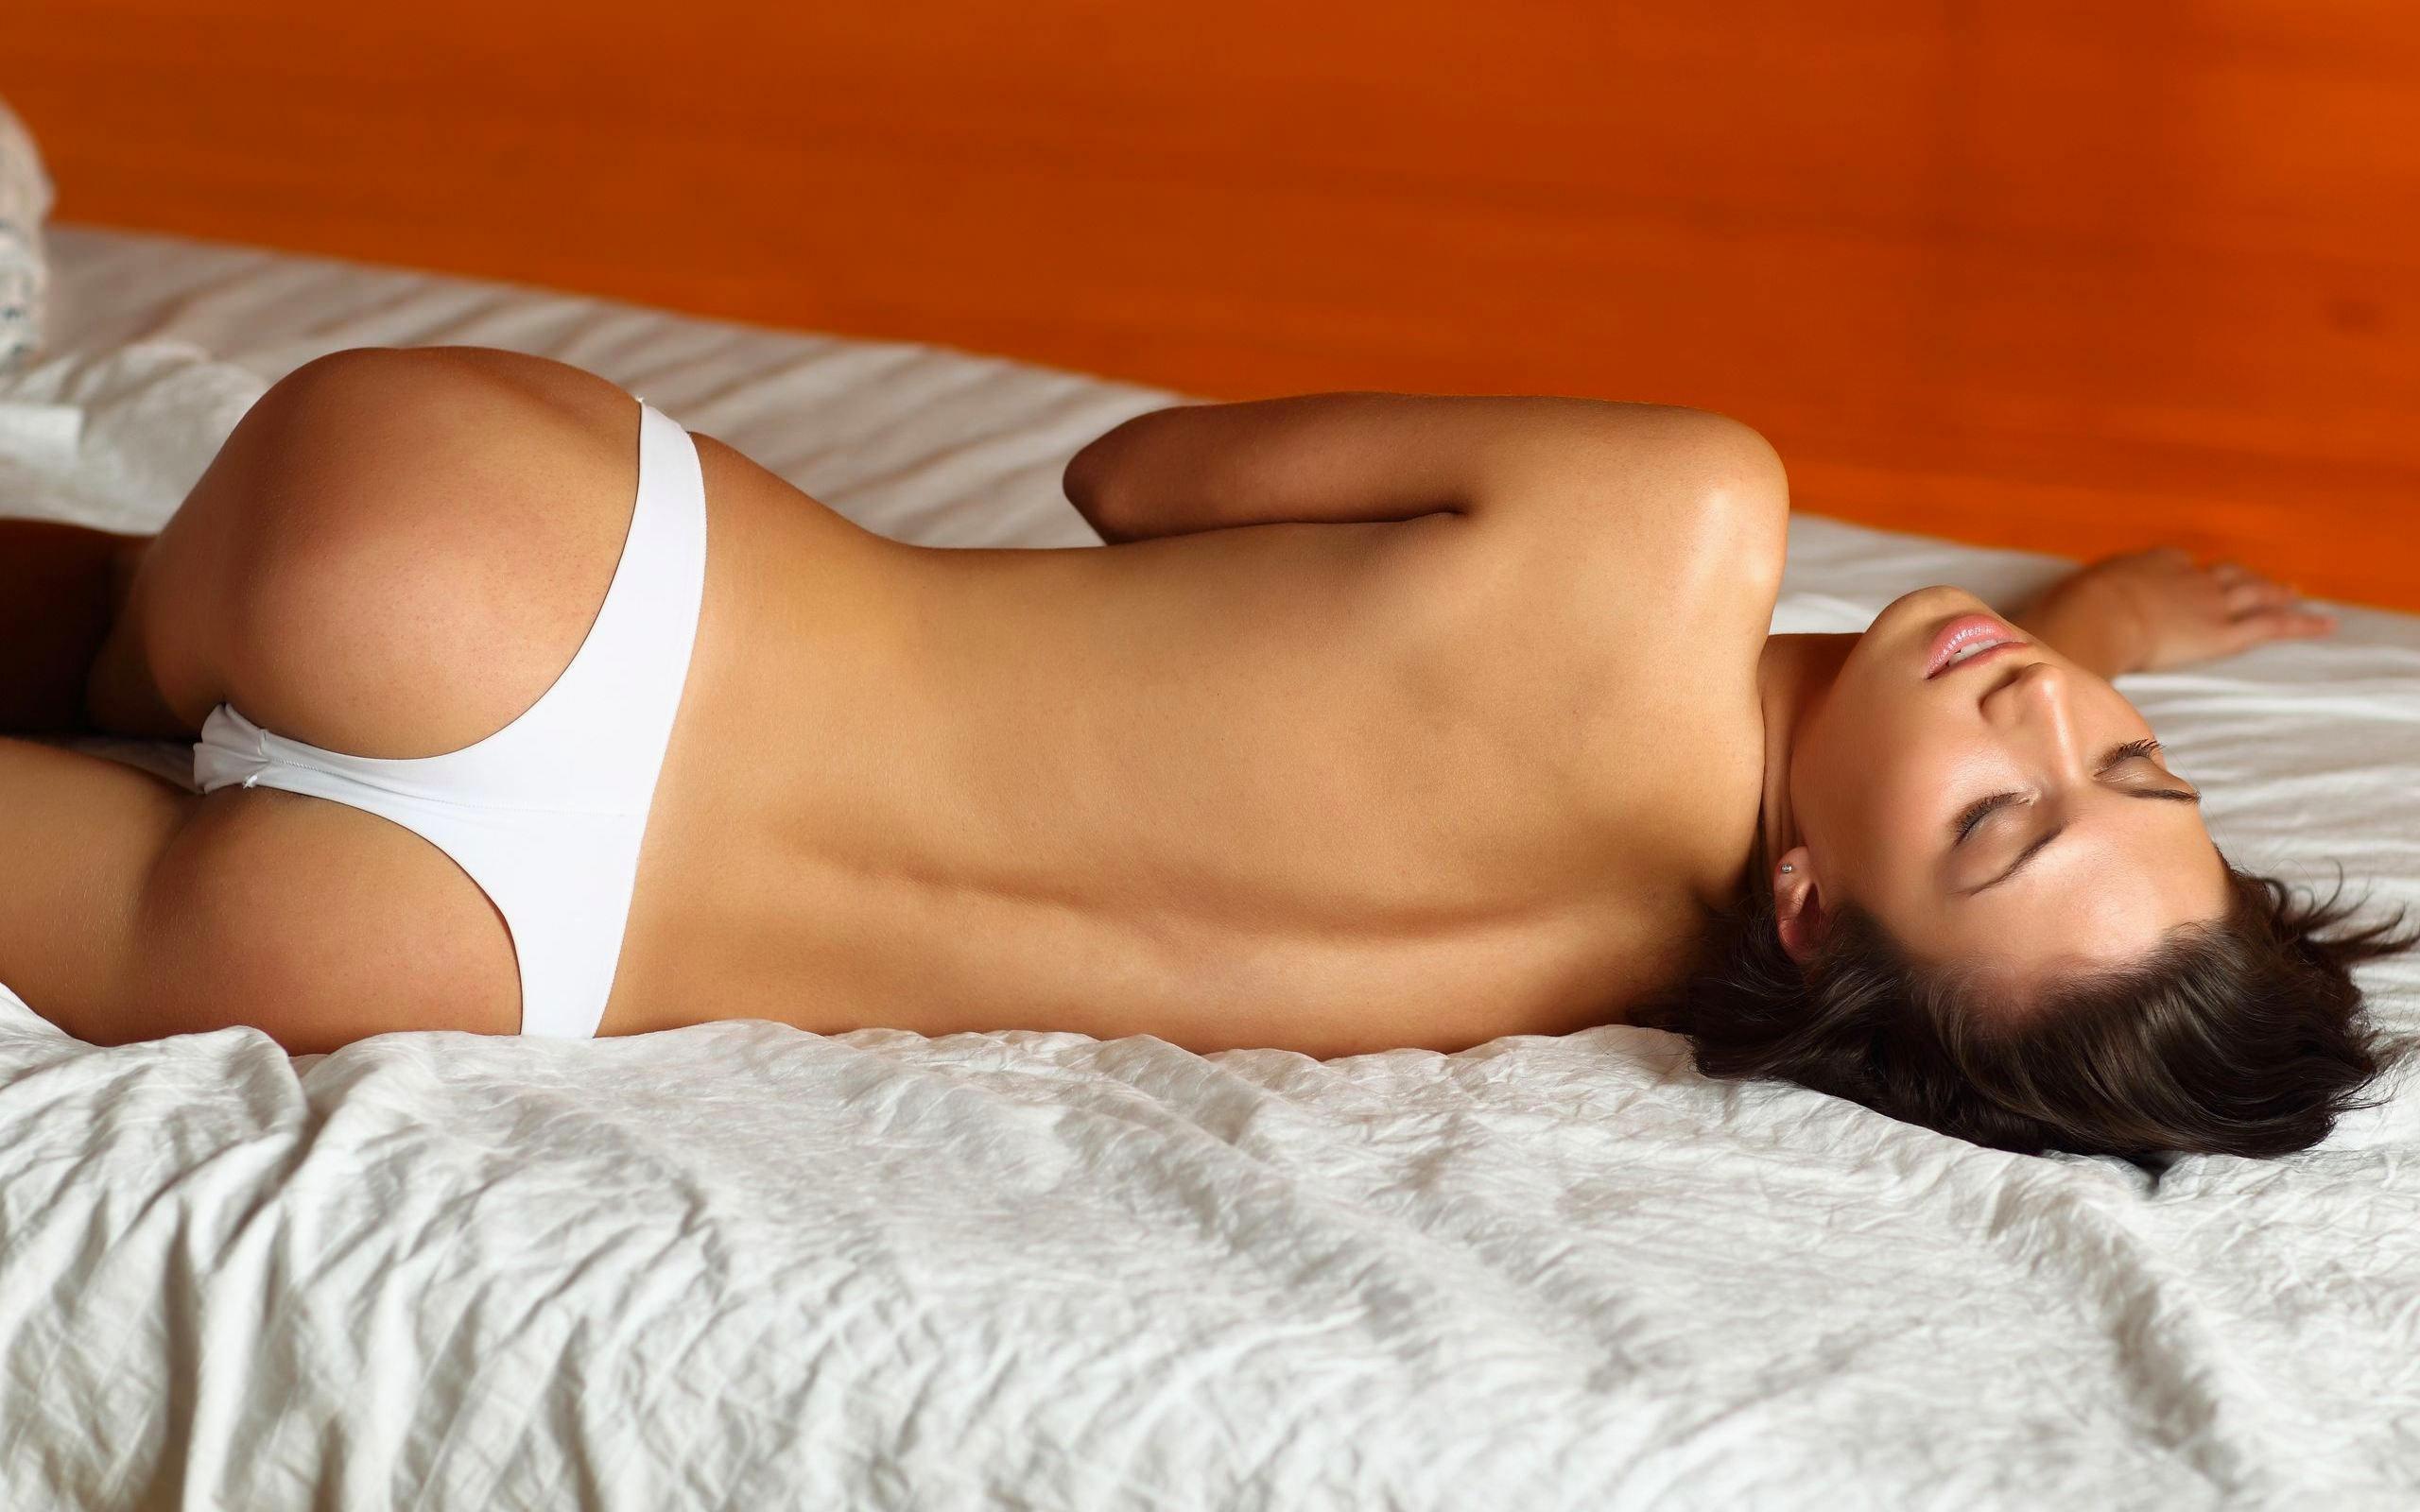 Красивые девушки в стрингах в постели фото фото 239-220